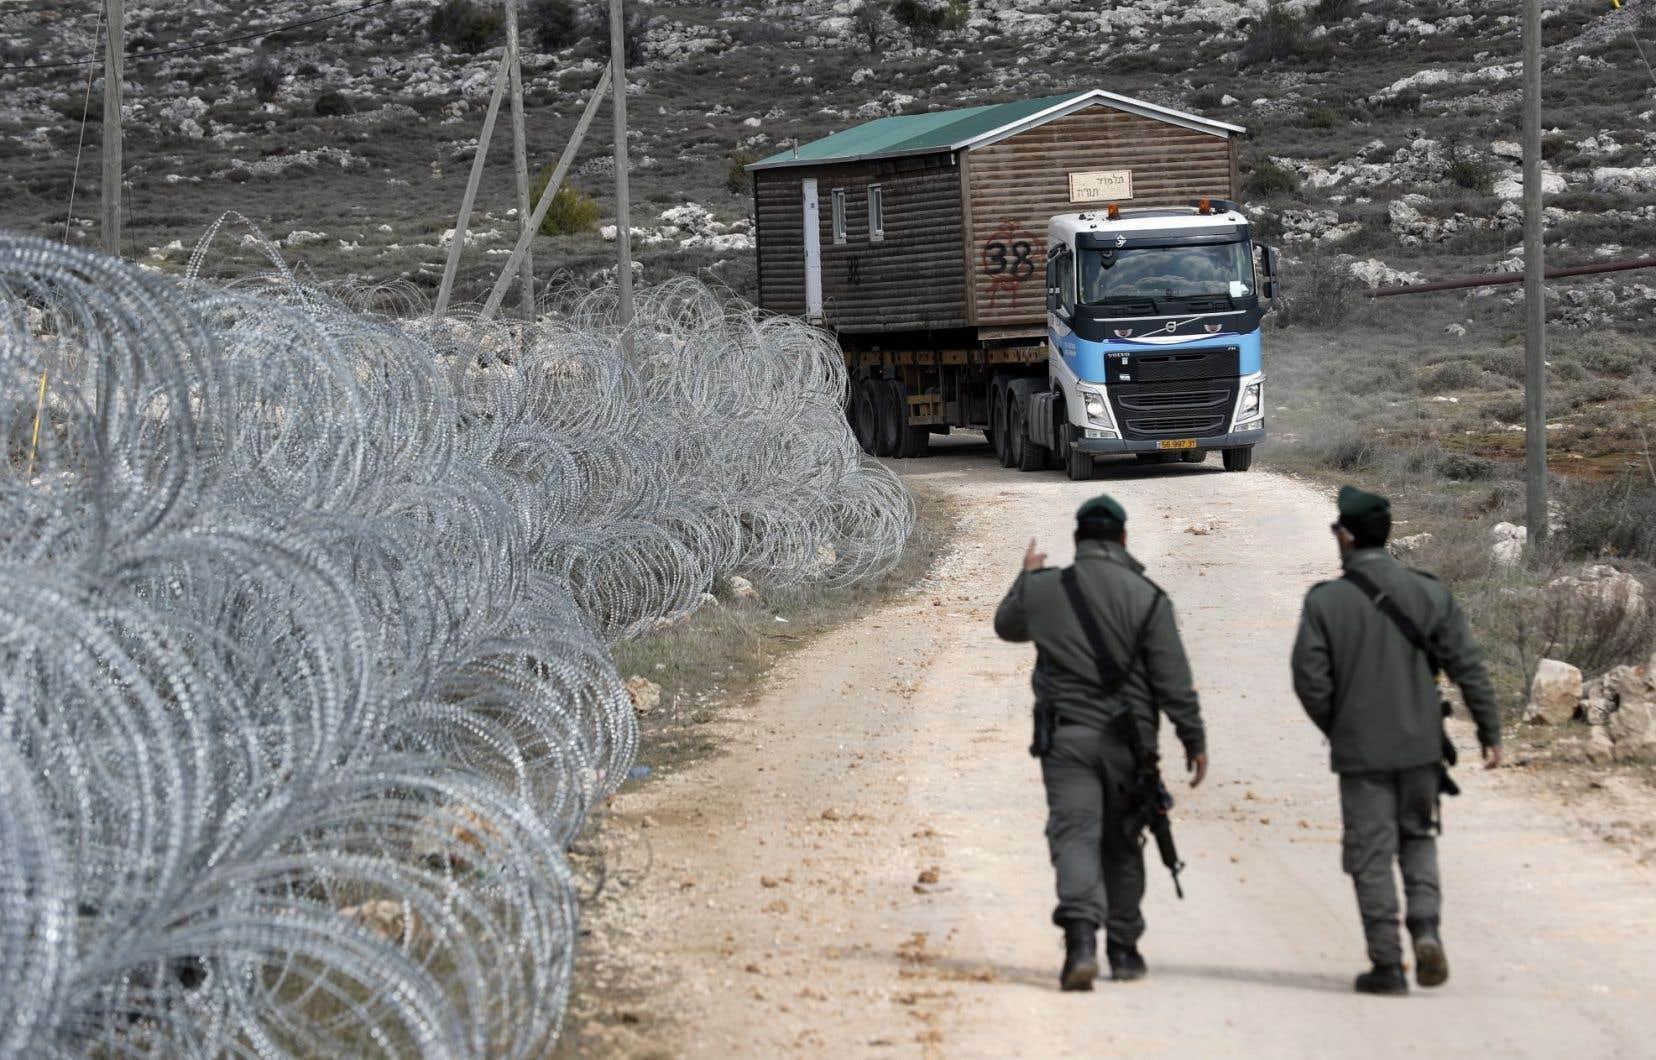 Adoptée lundi soir, la loi autorise l'État à s'approprier, contre compensation, des terrains privés palestiniens en Cisjordanie sur lesquels des Israéliens ont construit sans autorisation.